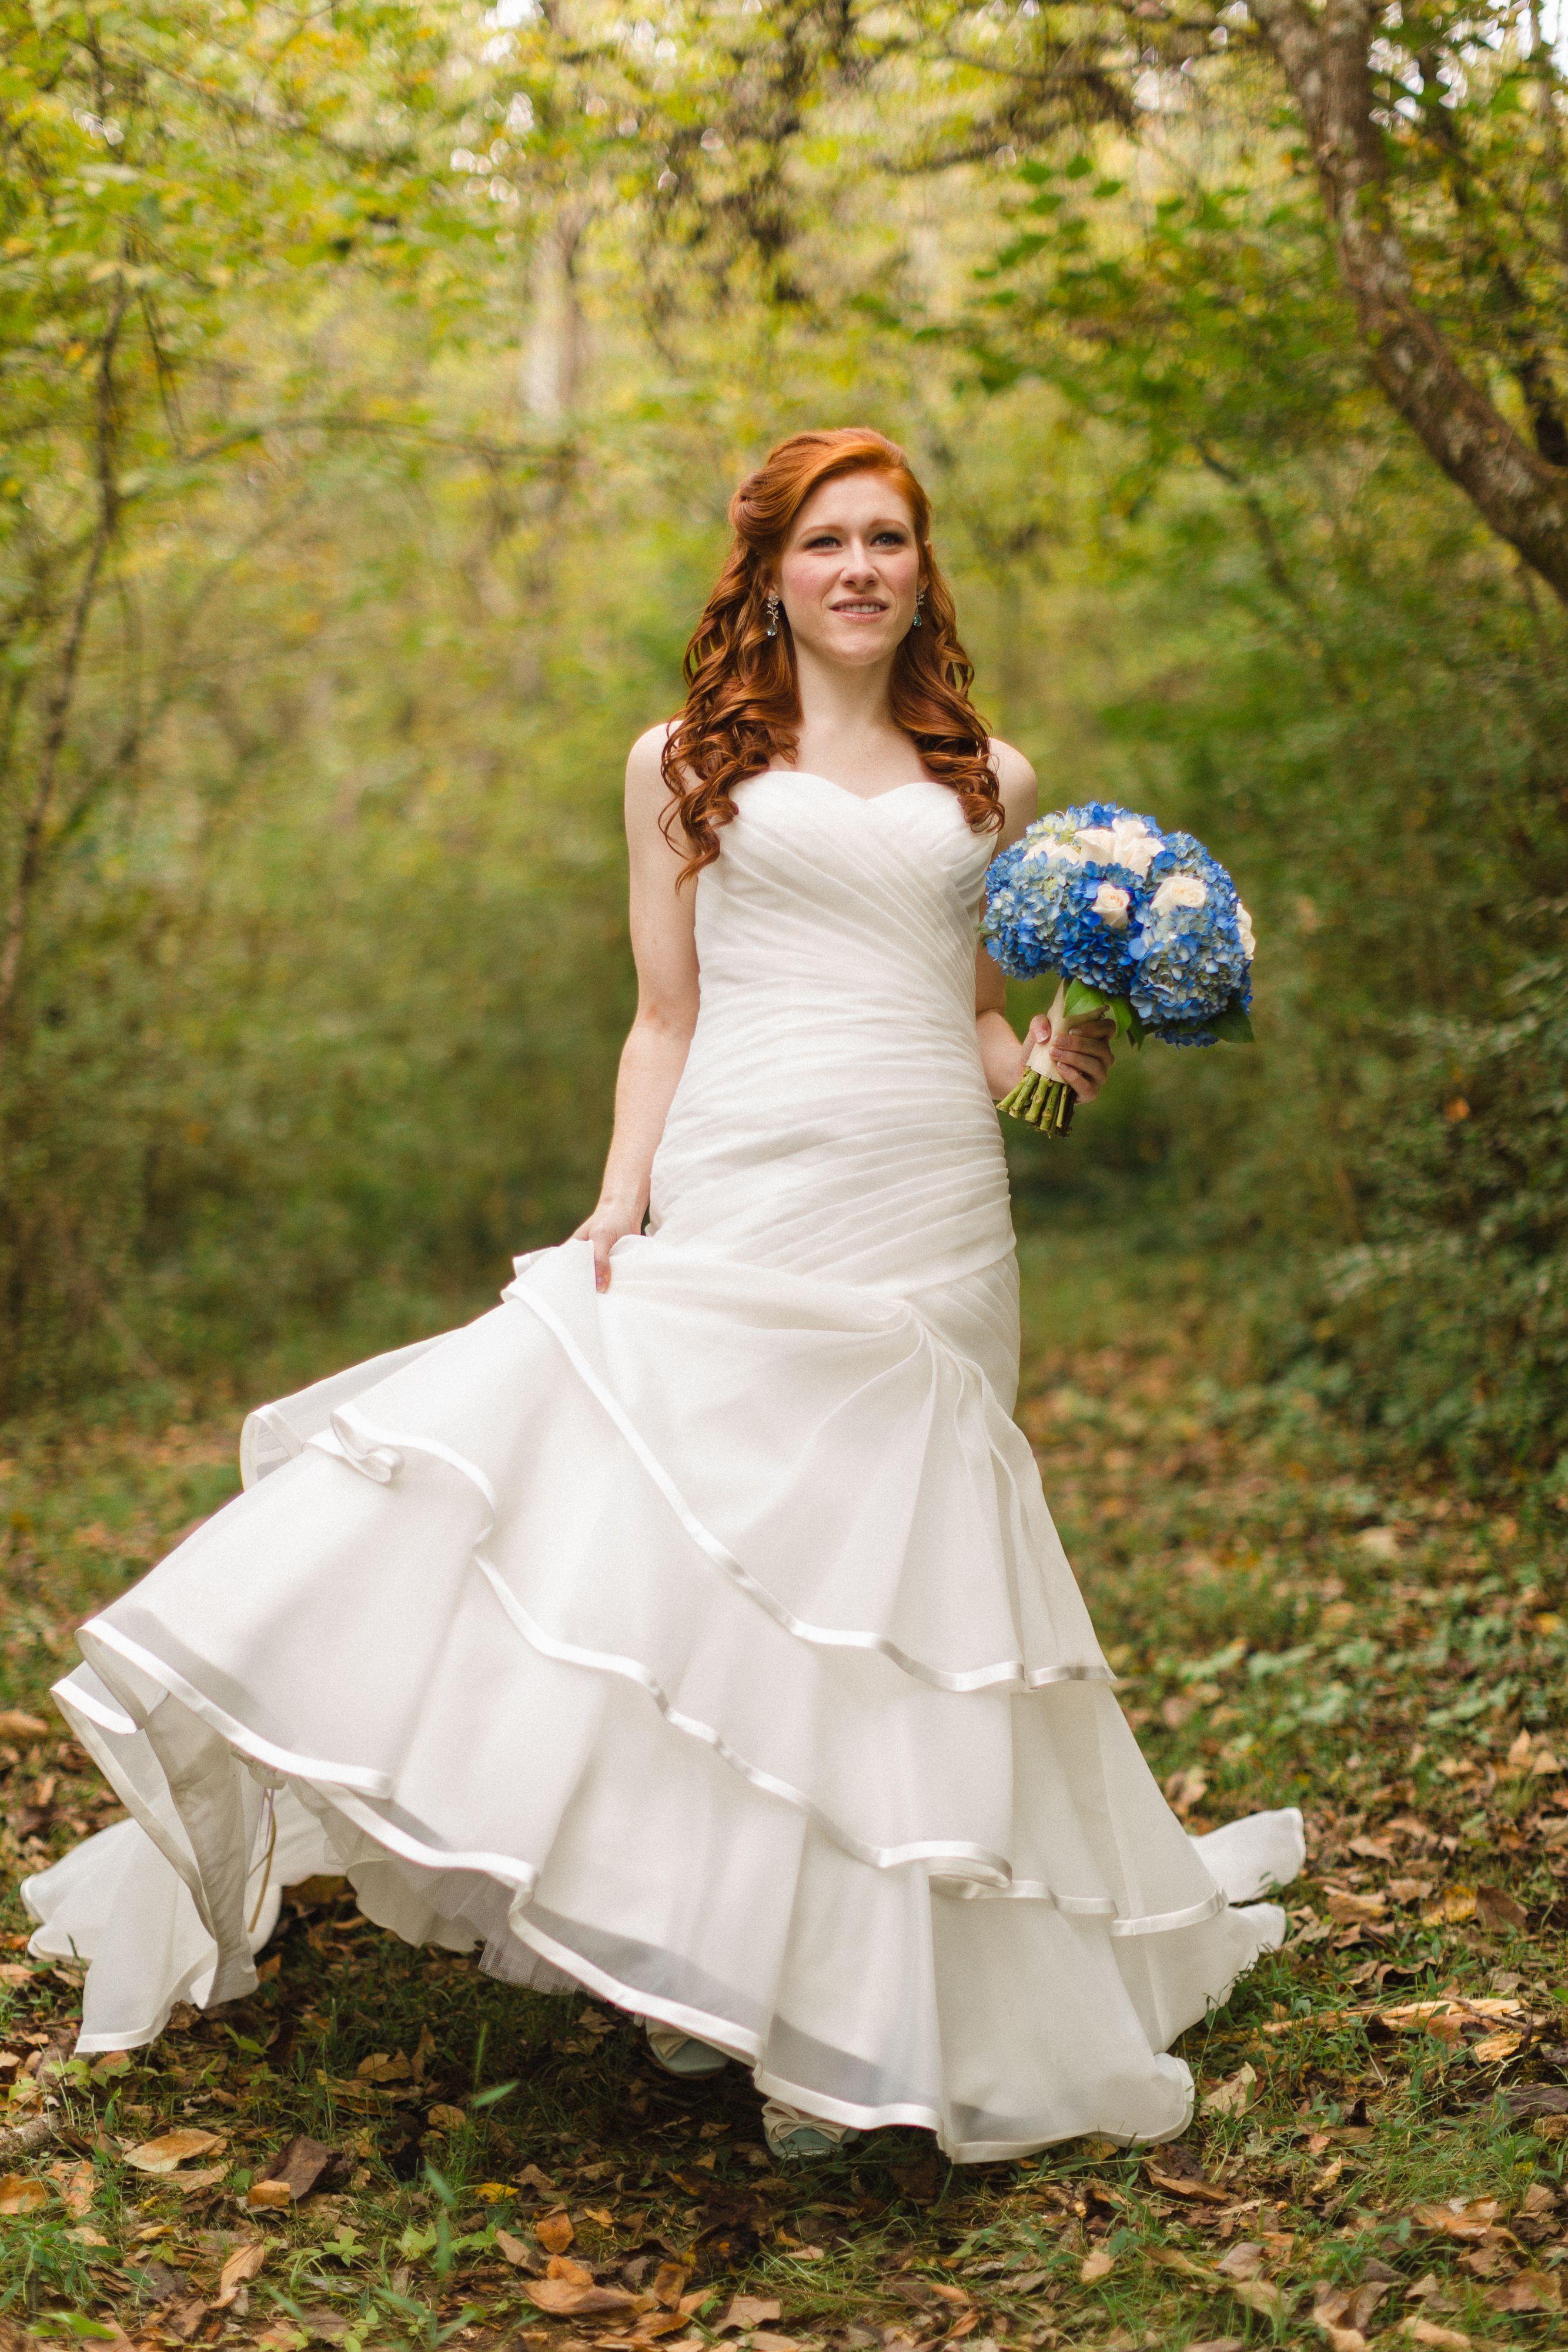 october wedding dresses Bride on her October wedding day in an ivory mermaid dress Wedding dress Southern wedding